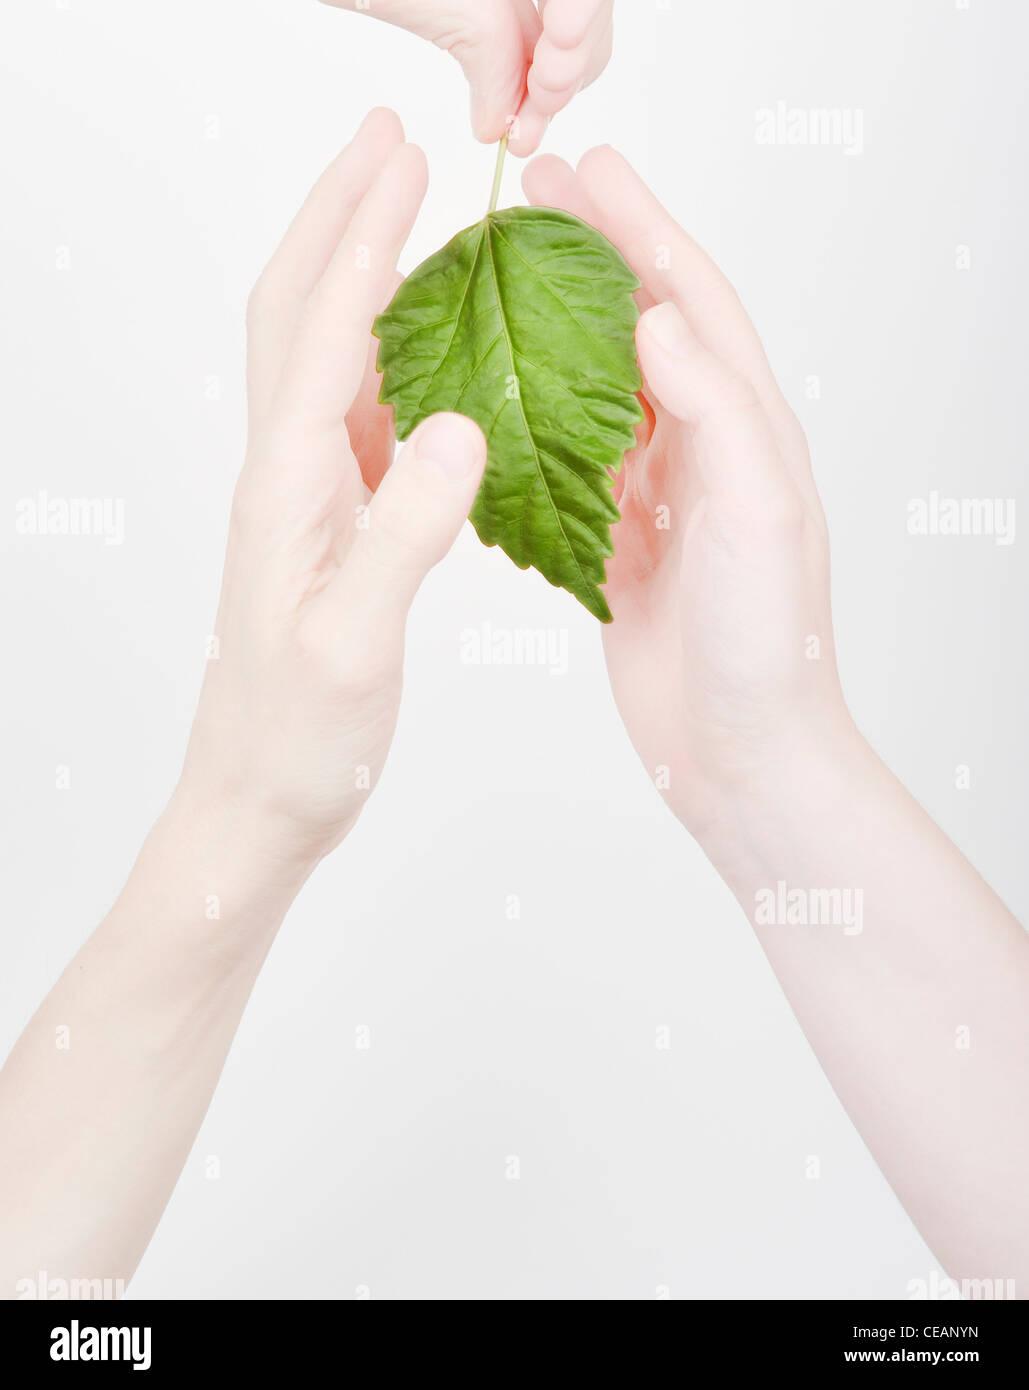 Hände, die Abschirmung eines grünen Blattes Stockbild